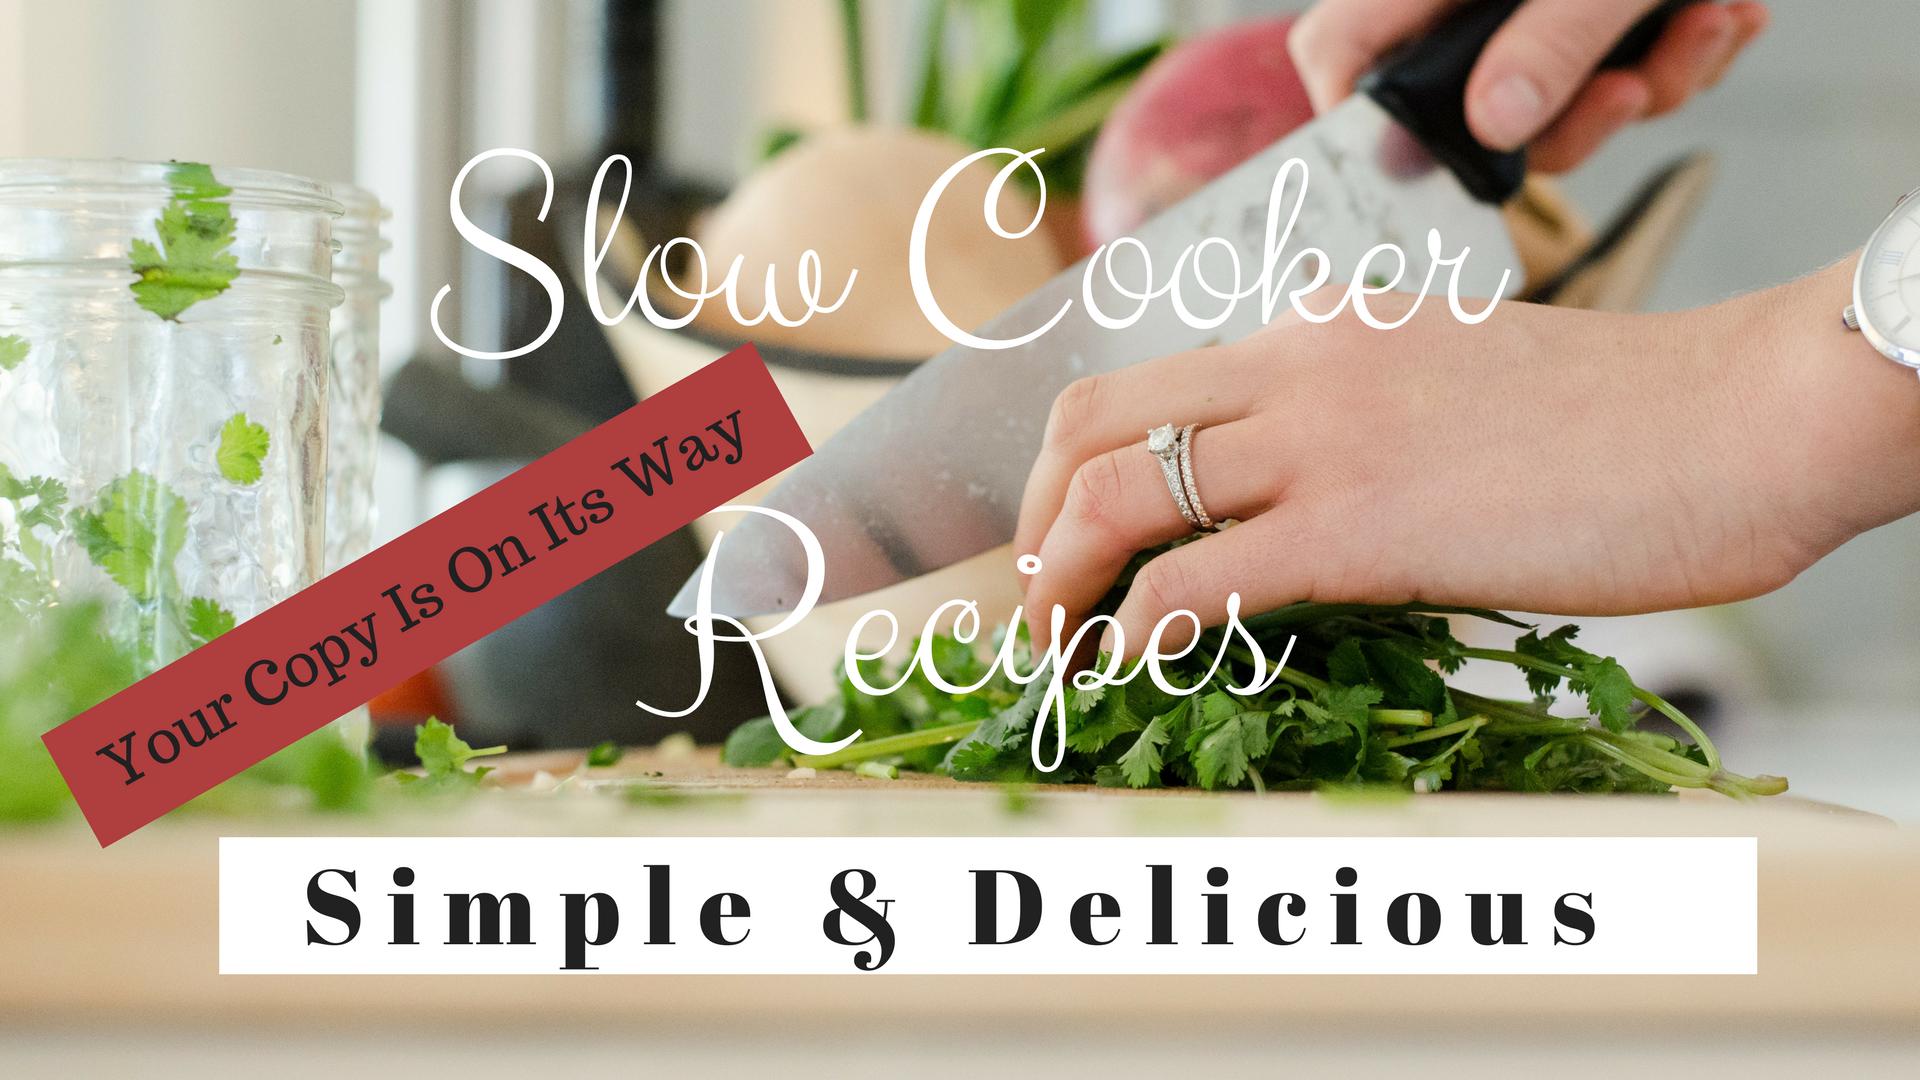 Slow Cooker Recipes Confirmation www.balancedhealthandyou.com